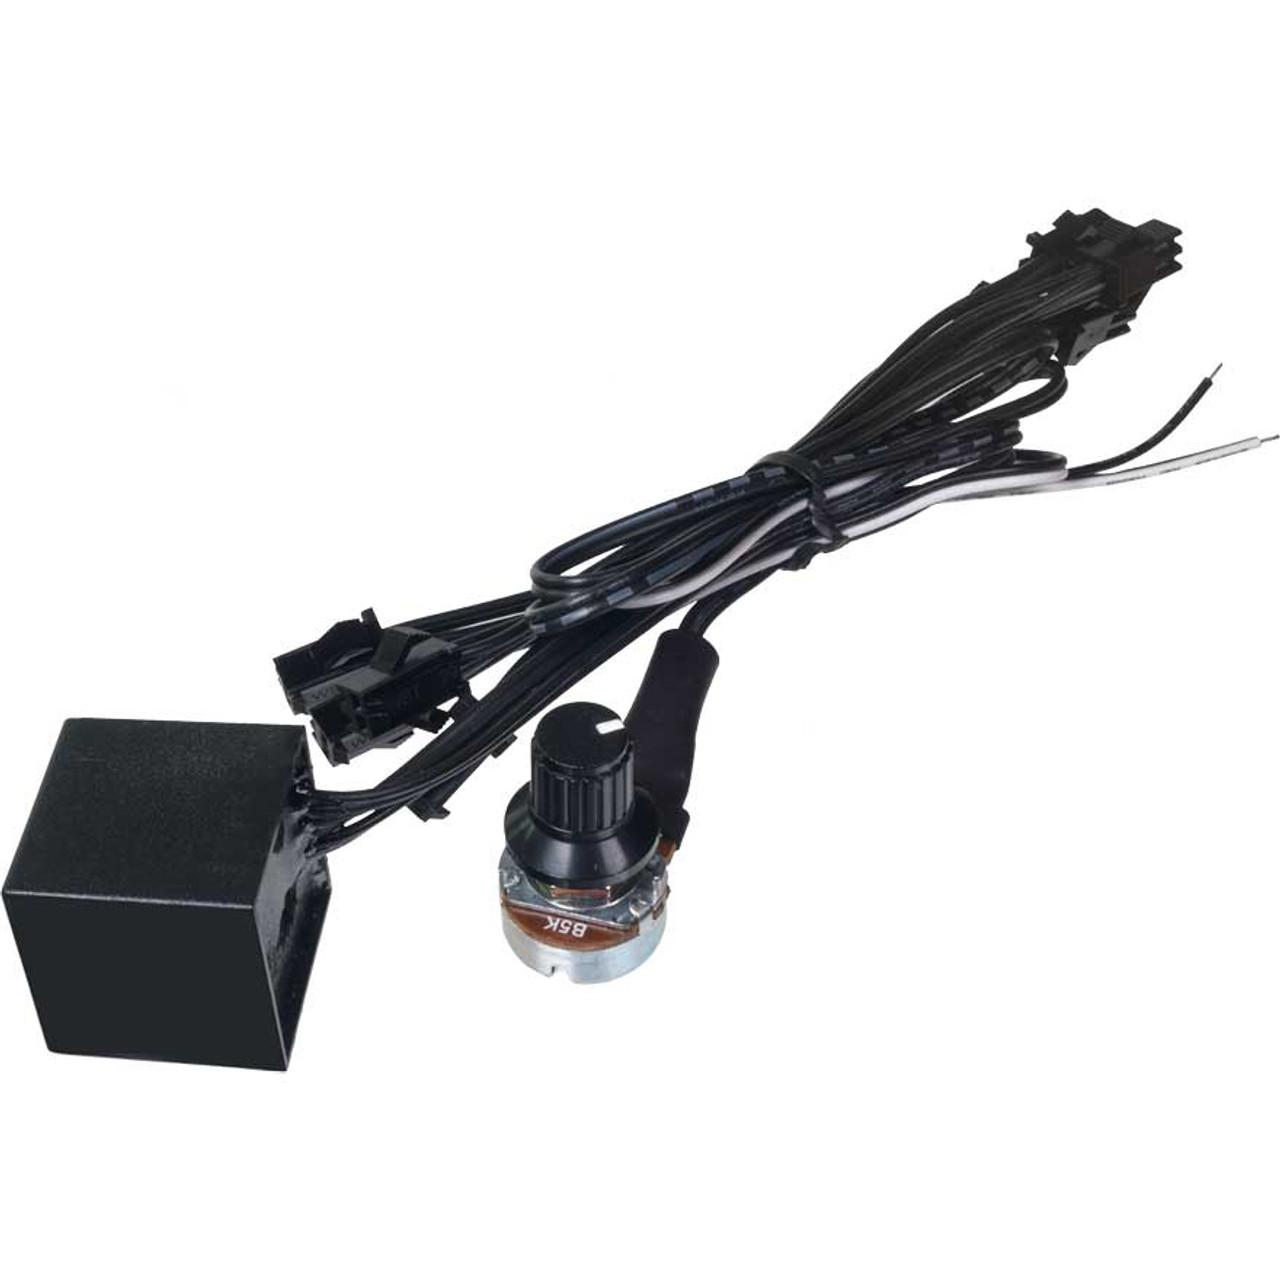 Gauge Lighting Inverter for Multiple Gauges with Dimmer